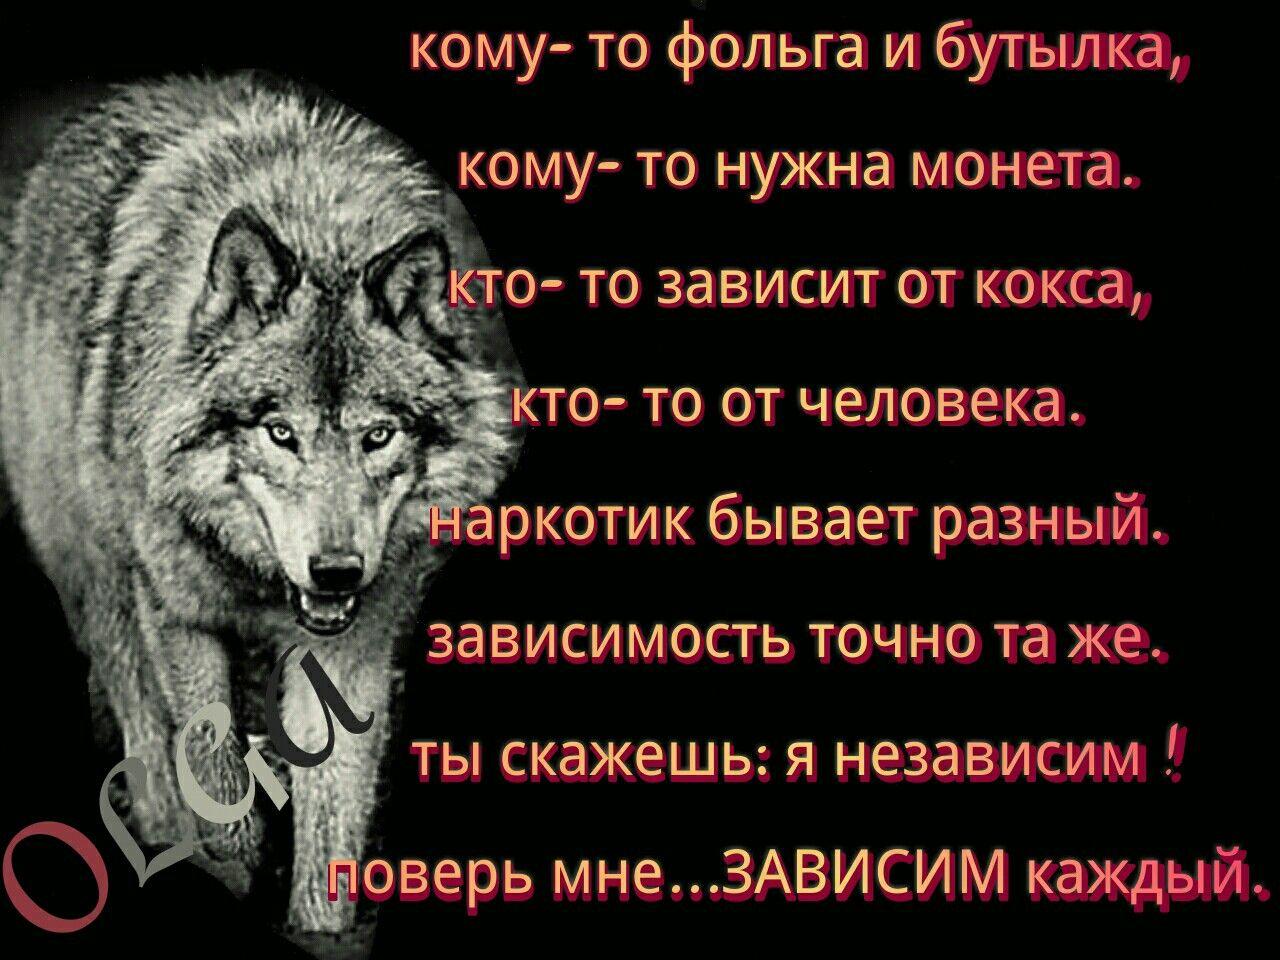 картинки волков с статусами смыслом мужские львиная